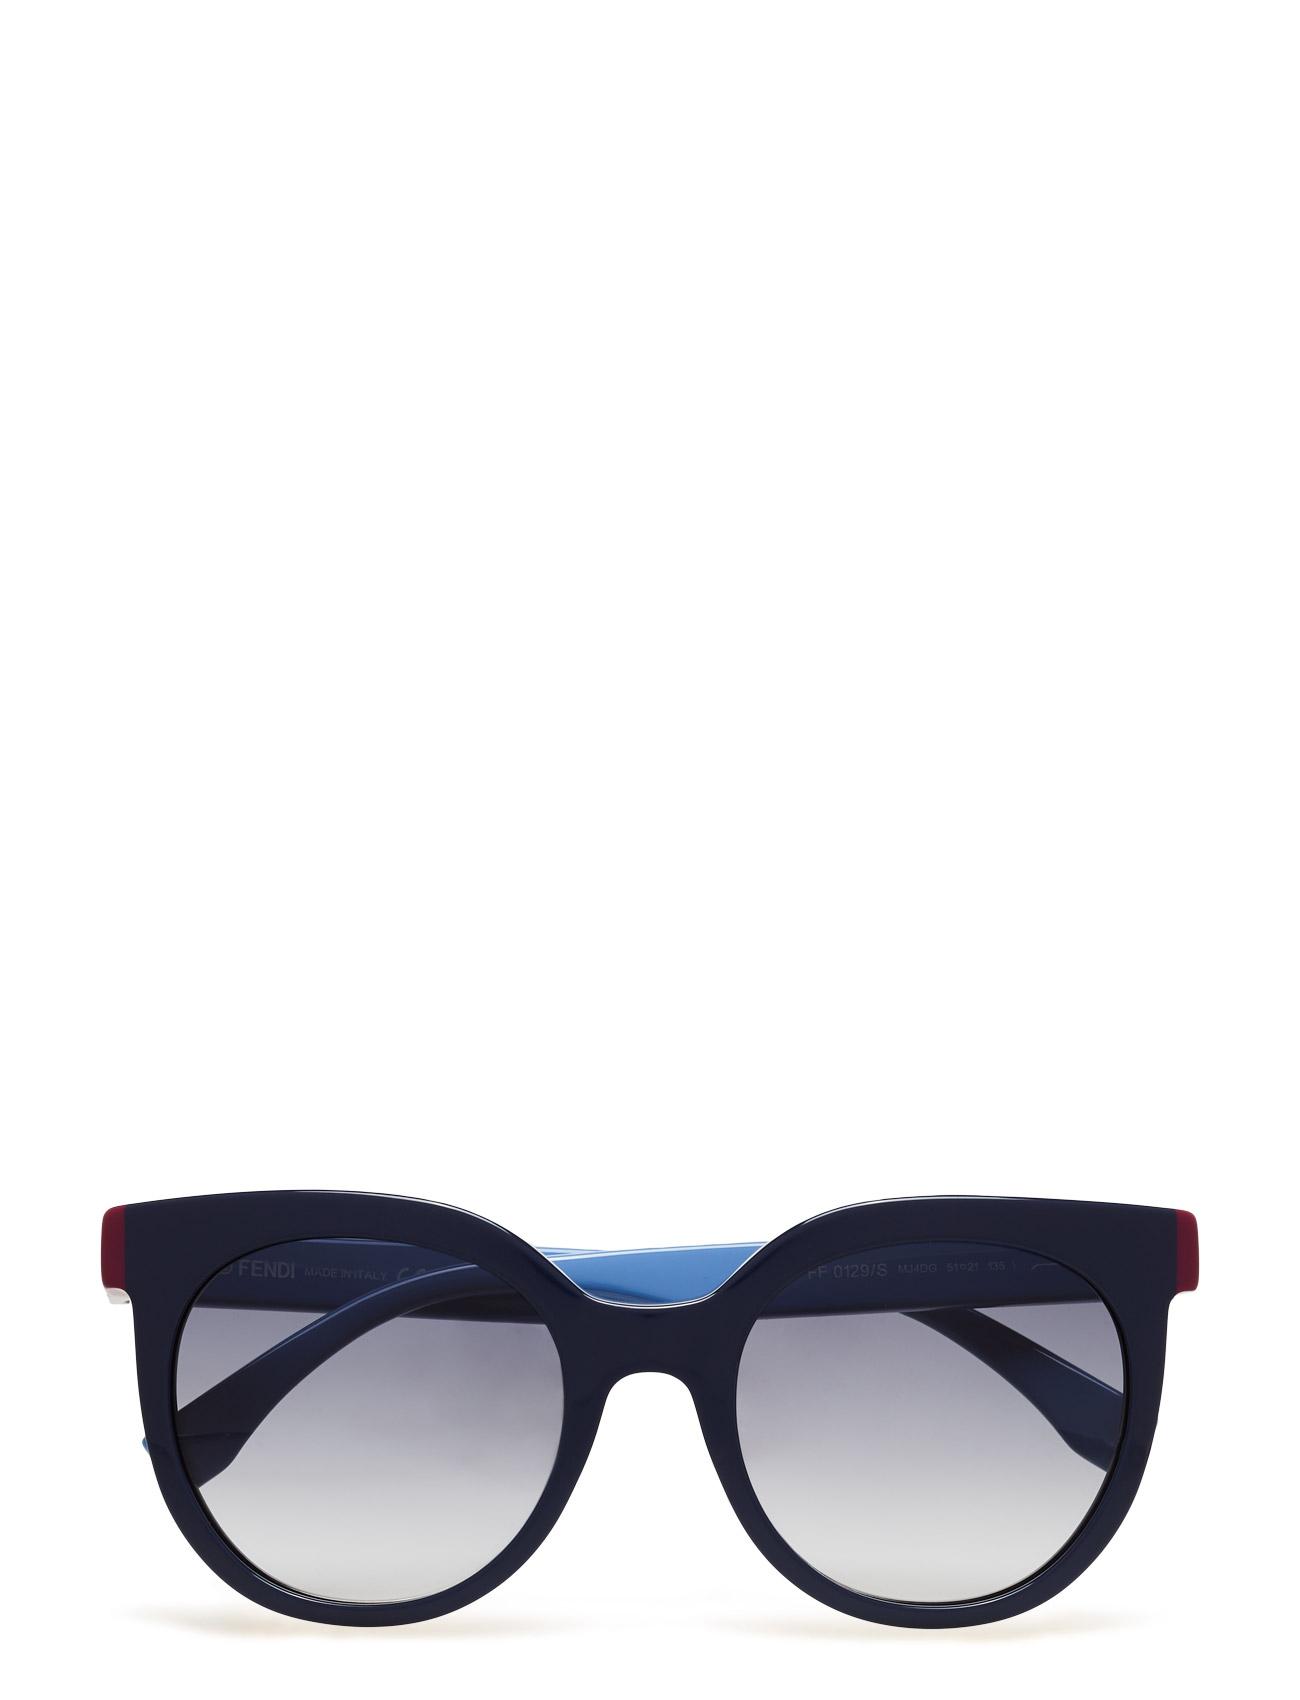 230370 fra fendi sunglasses fra boozt.com dk